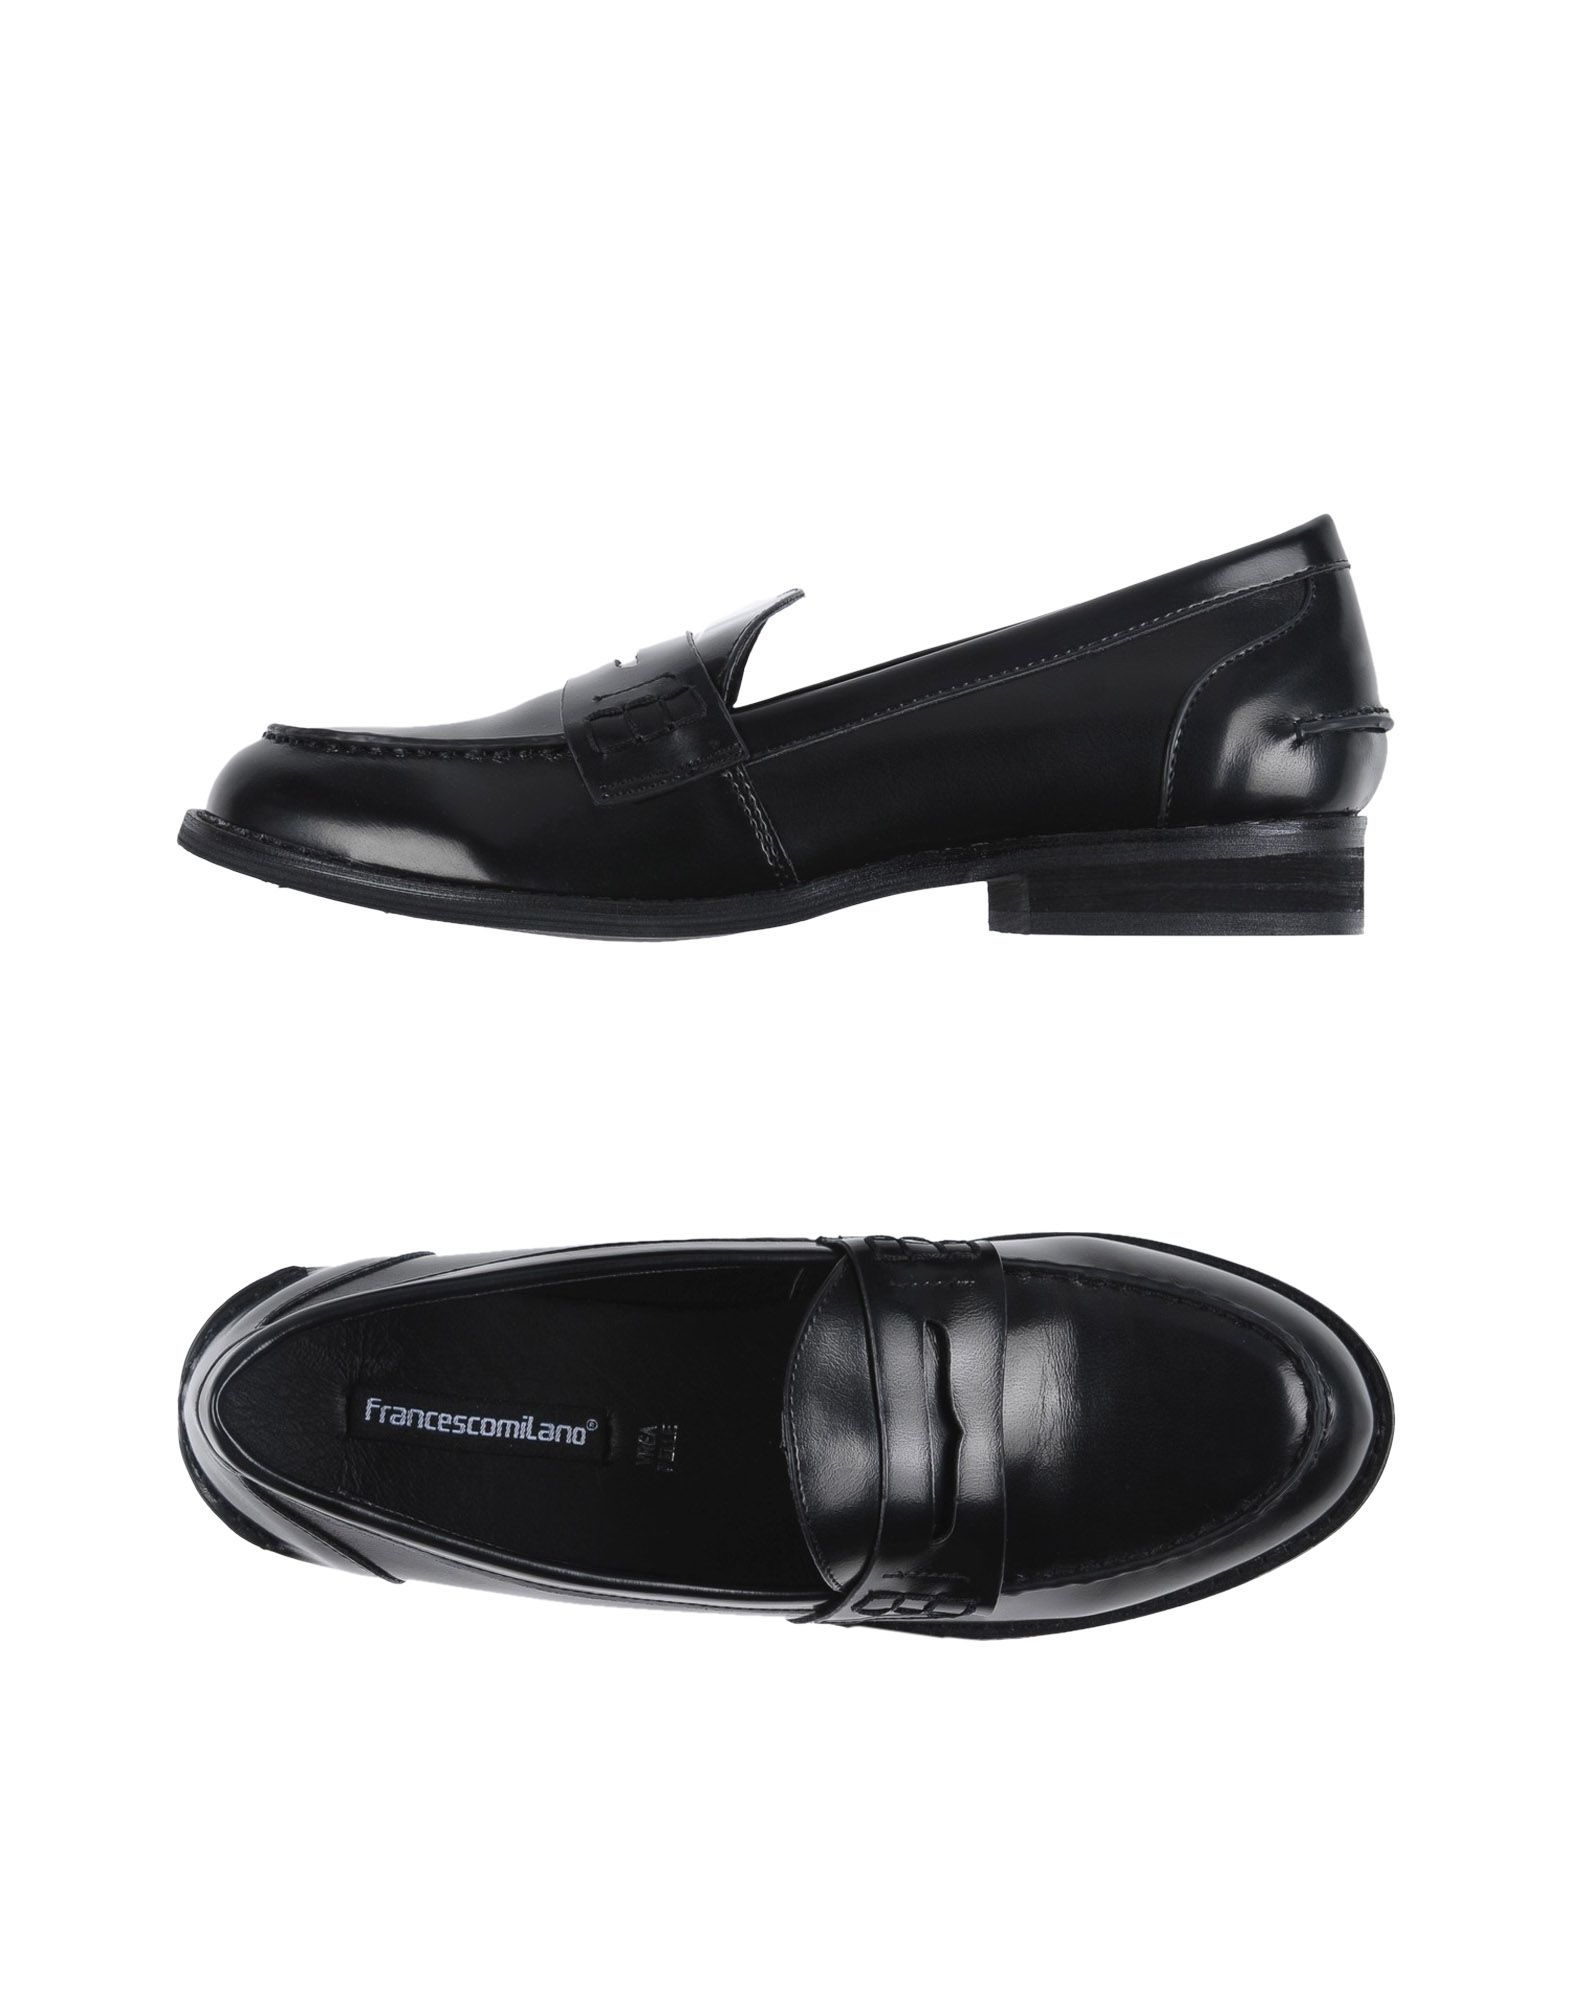 Francesco Milano Mokassins Damen  11252352MK Gute Qualität beliebte Schuhe